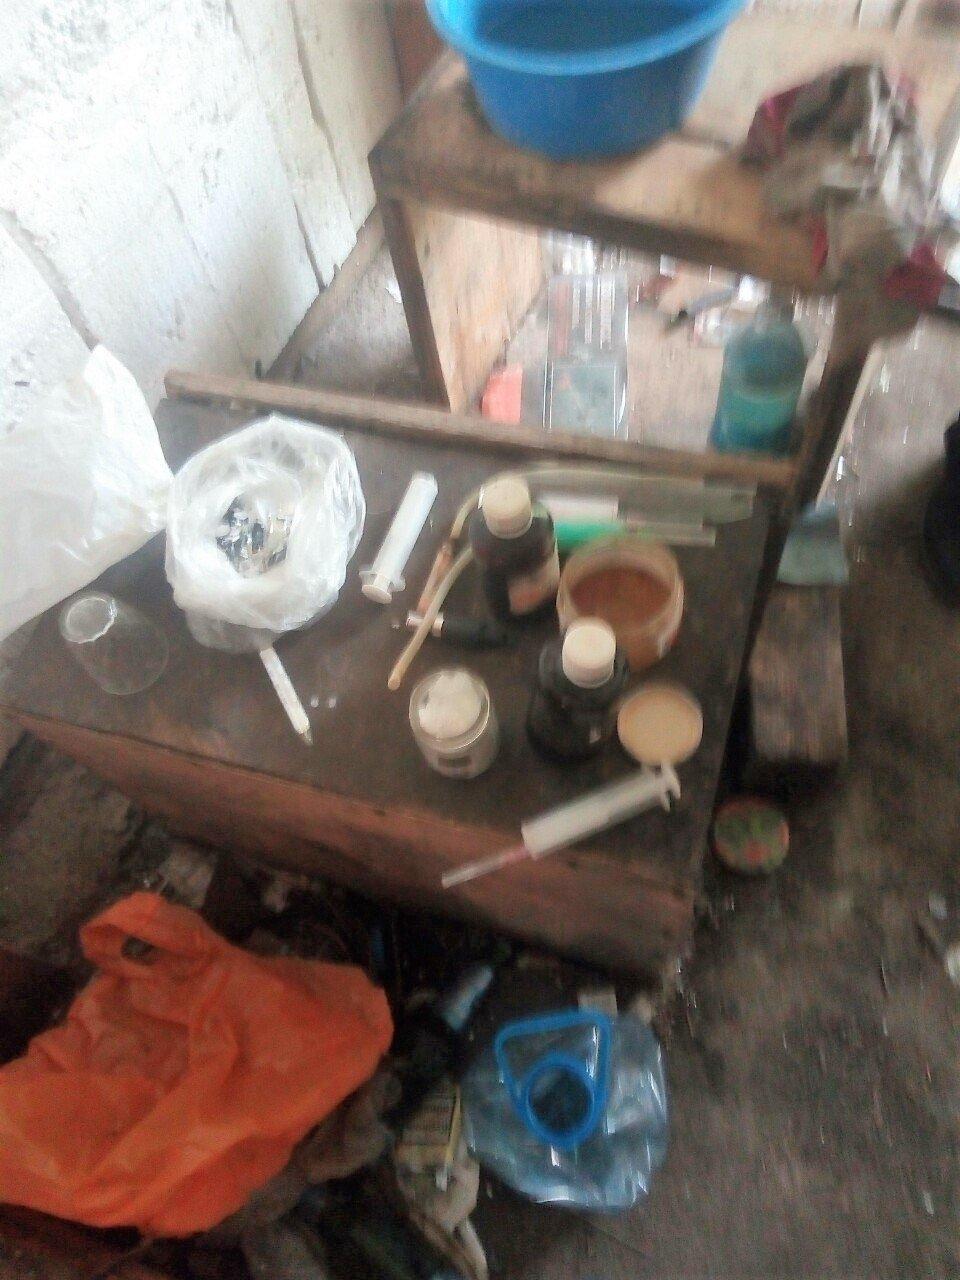 На Николаевщине разоблачили мужчину, который создал собственную нарколабораторию, - ФОТО, фото-1